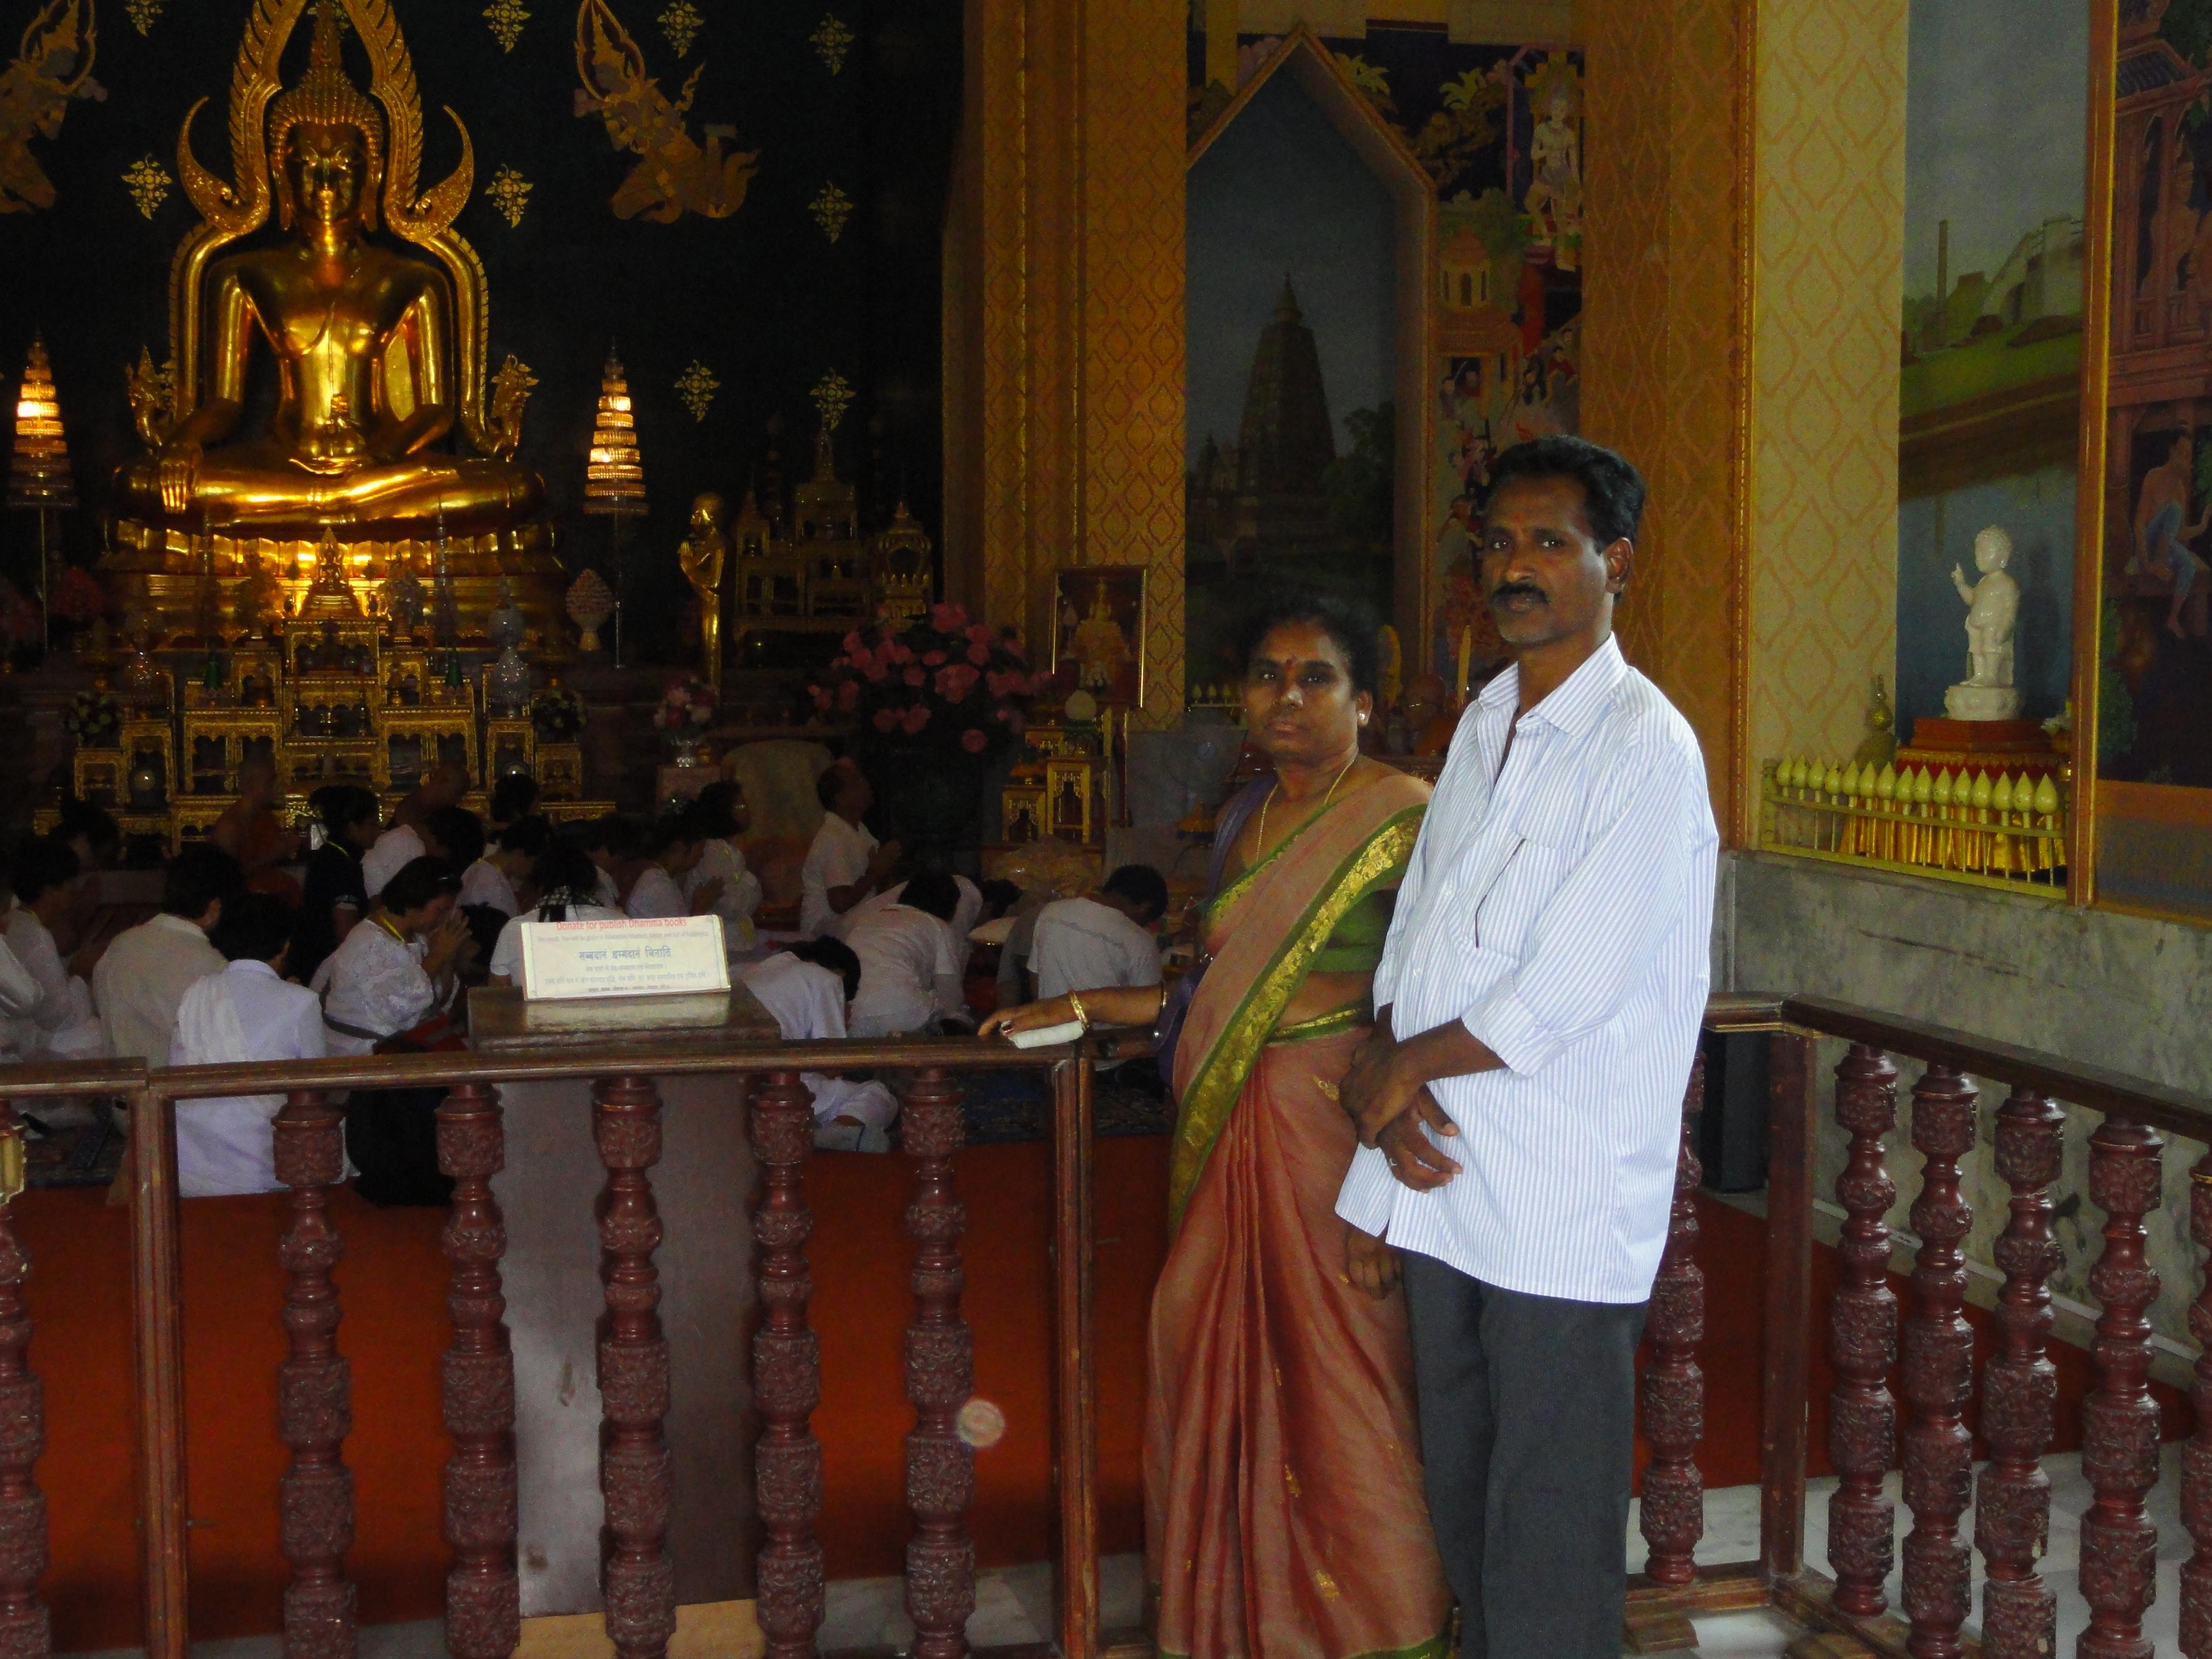 Bodh Gaya Mahabodhi Temple Complex at Bodh Gaya - India Venkataramana Pilla